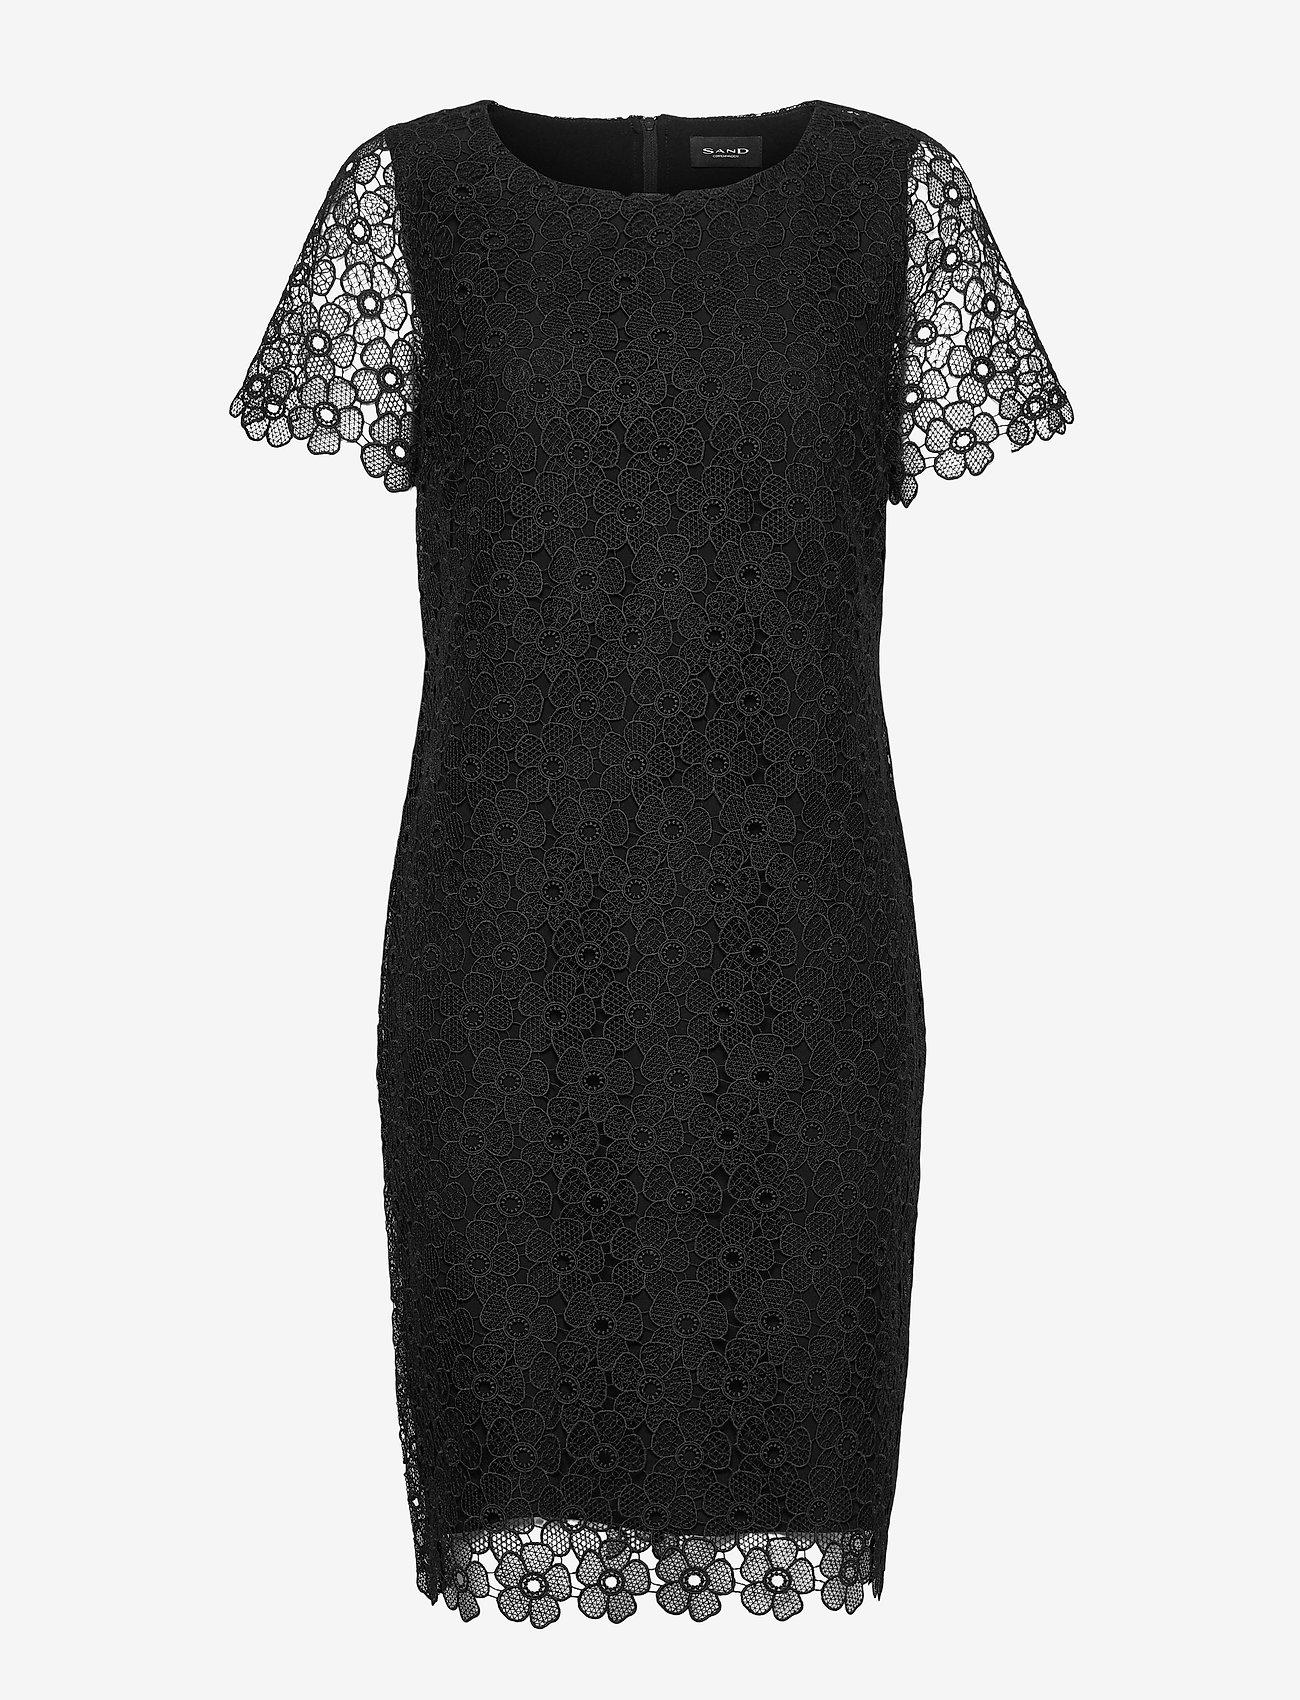 SAND - 3177 - Ellie - robes de cocktail - black - 0